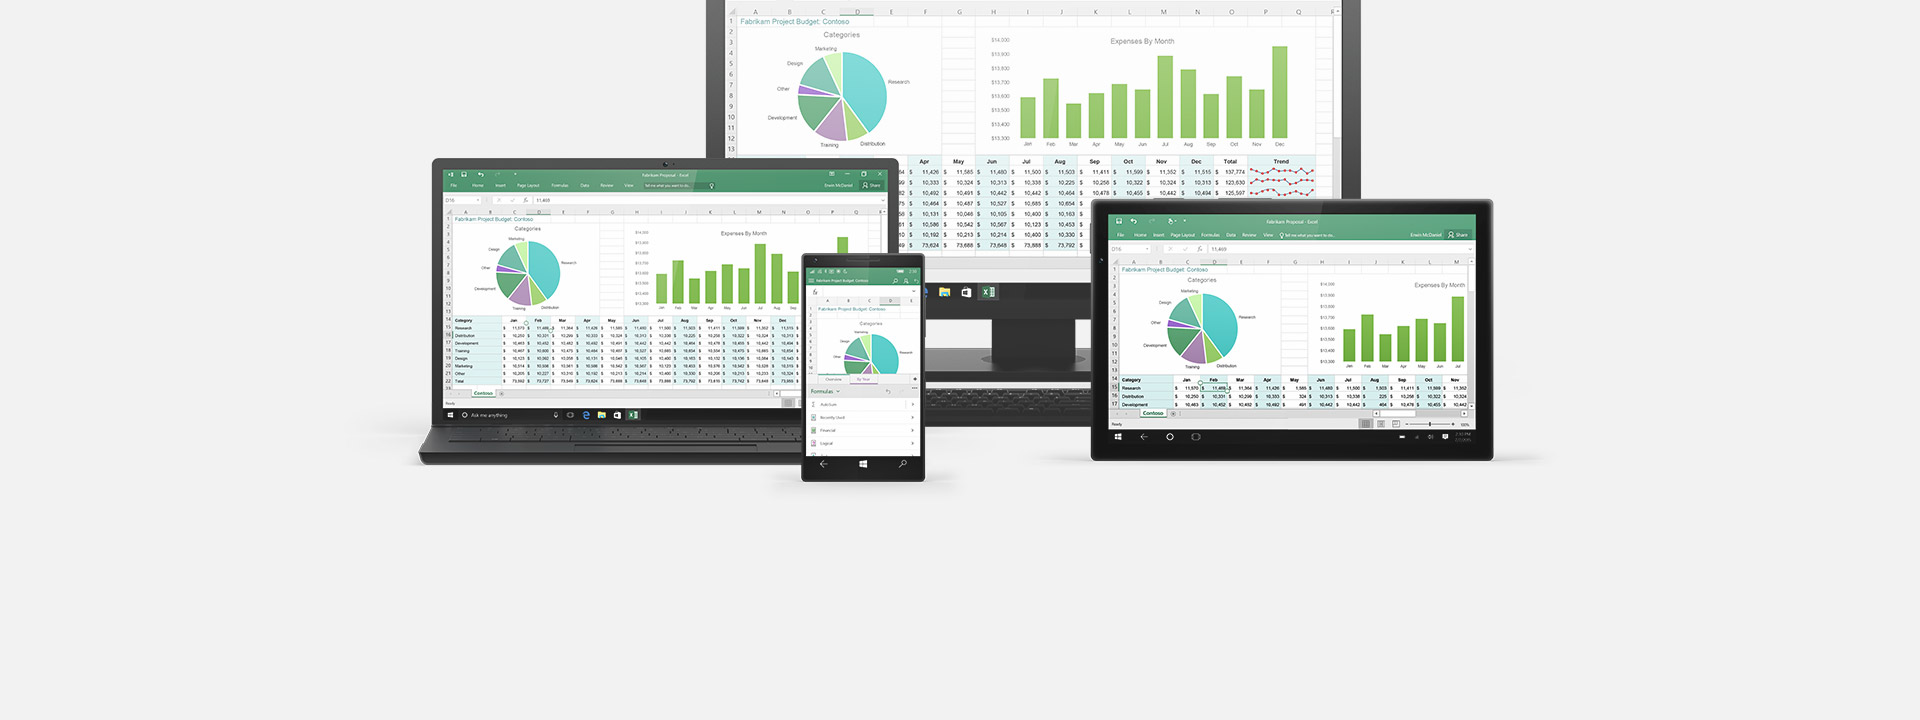 Plusieurs appareils, en savoir plus sur Office365